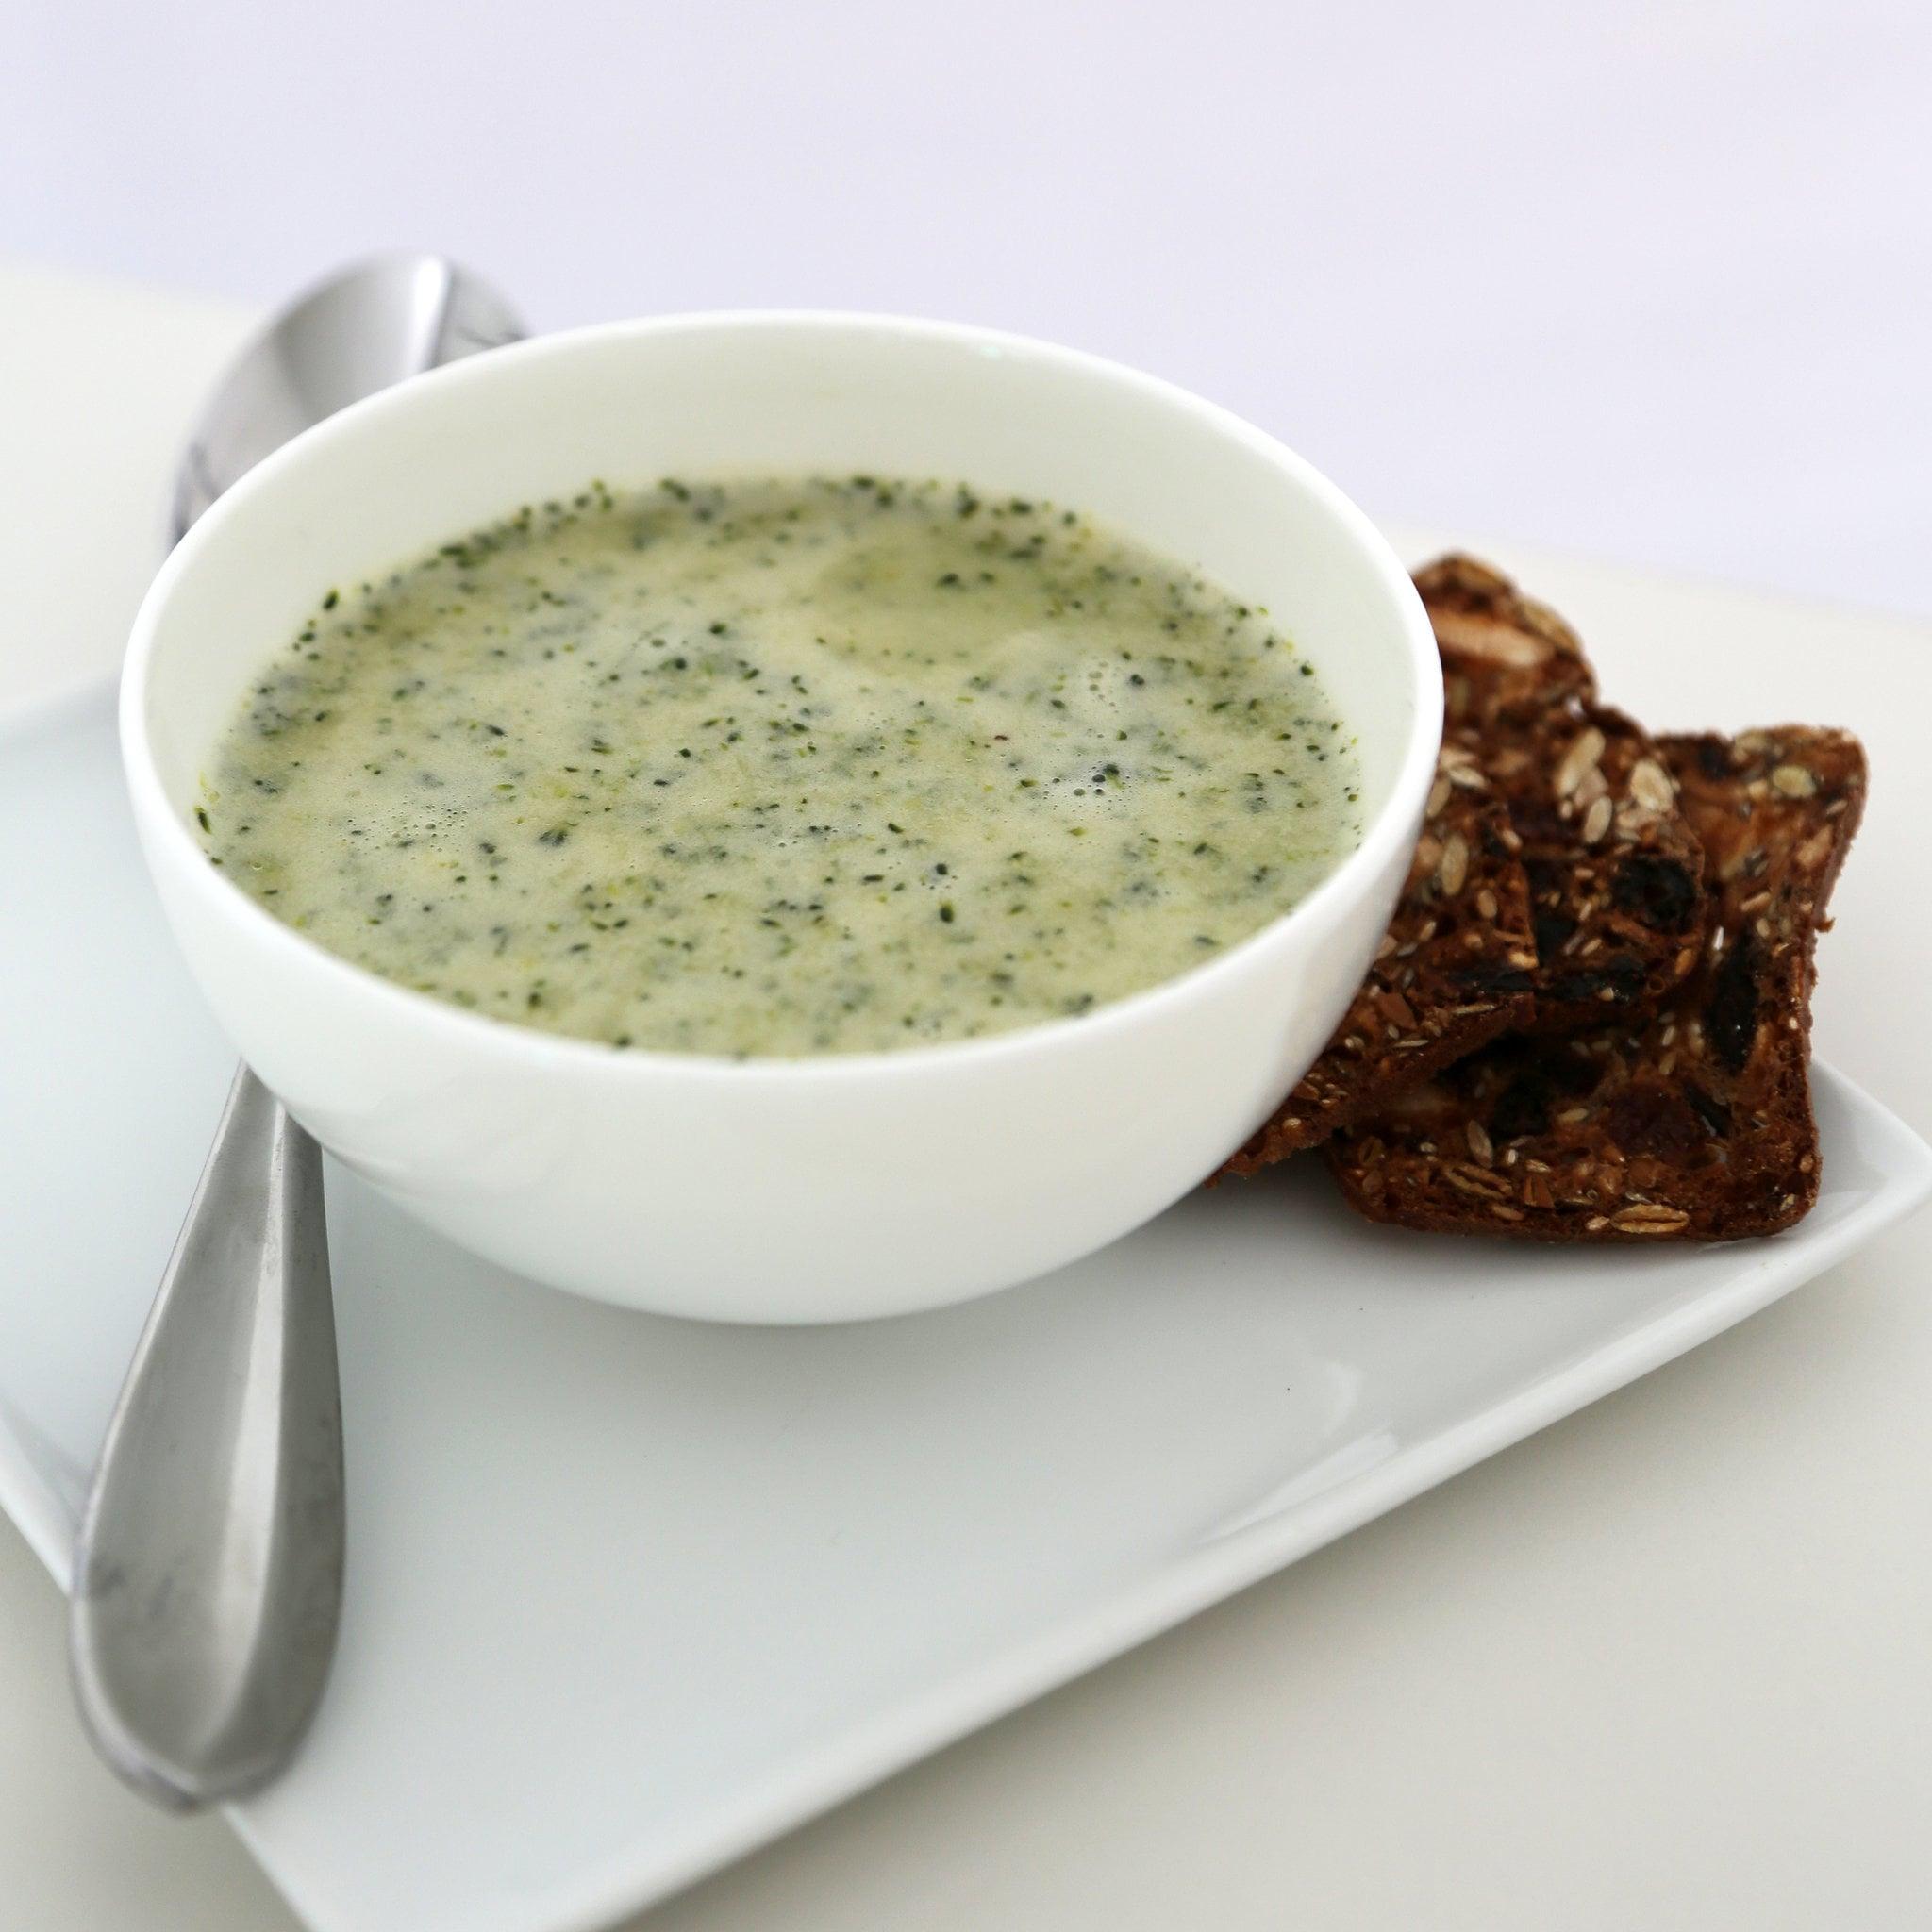 Garlicky Broccoli Soup